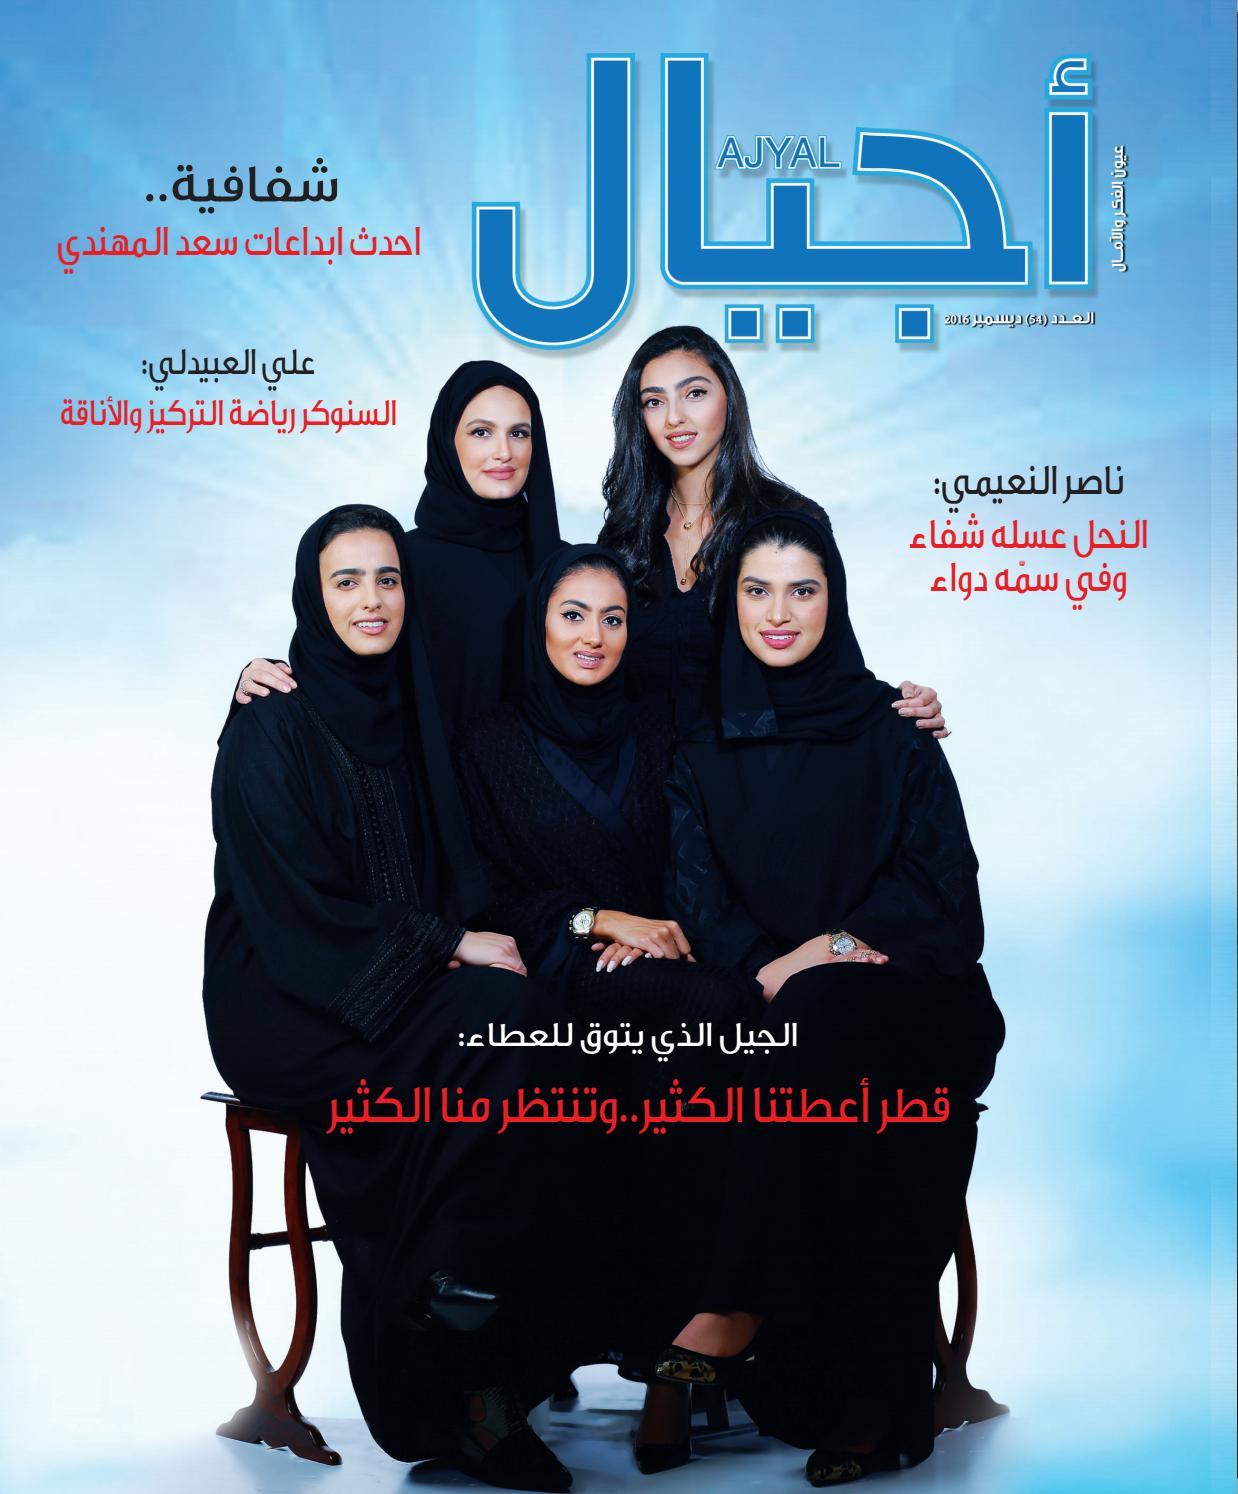 5c5c94eba53d2 Ajyal Qatar by Ravi Nair - issuu